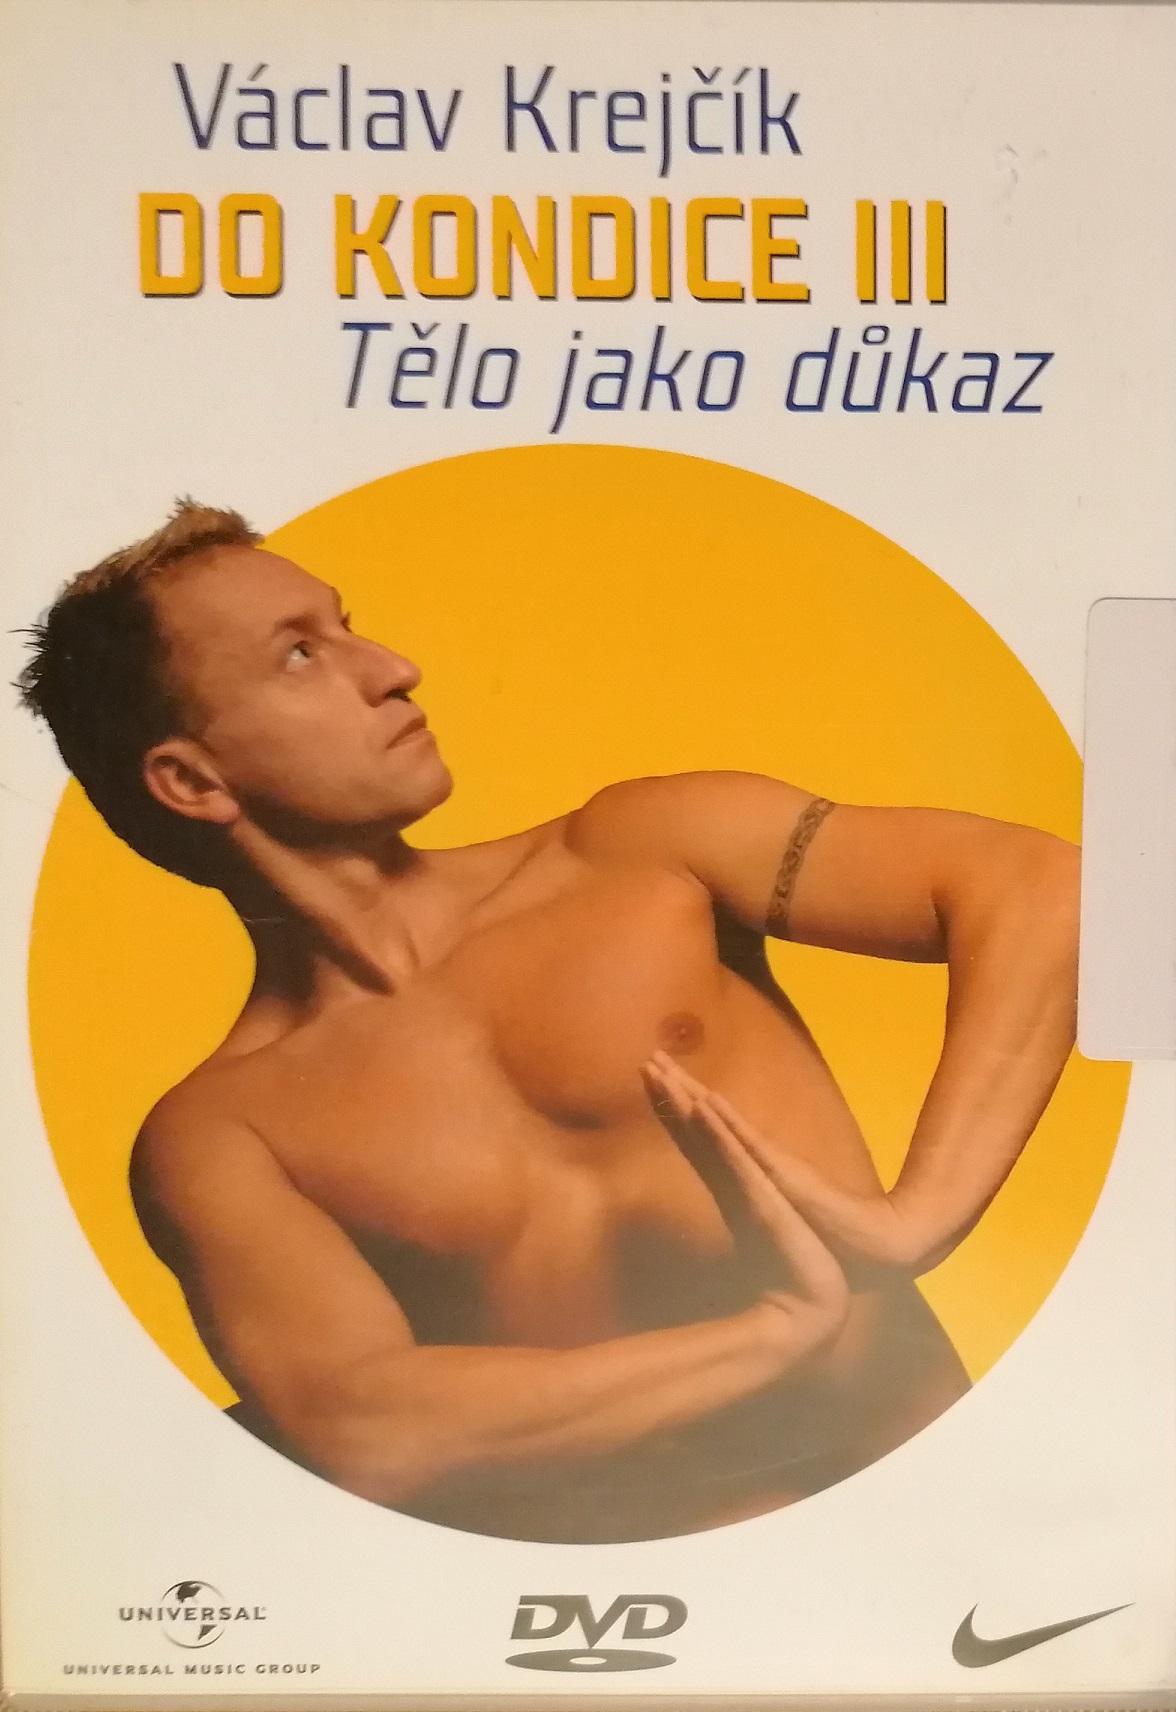 Václav Krejčík - Do kondice III - Tělo jako důkaz - DVD plast